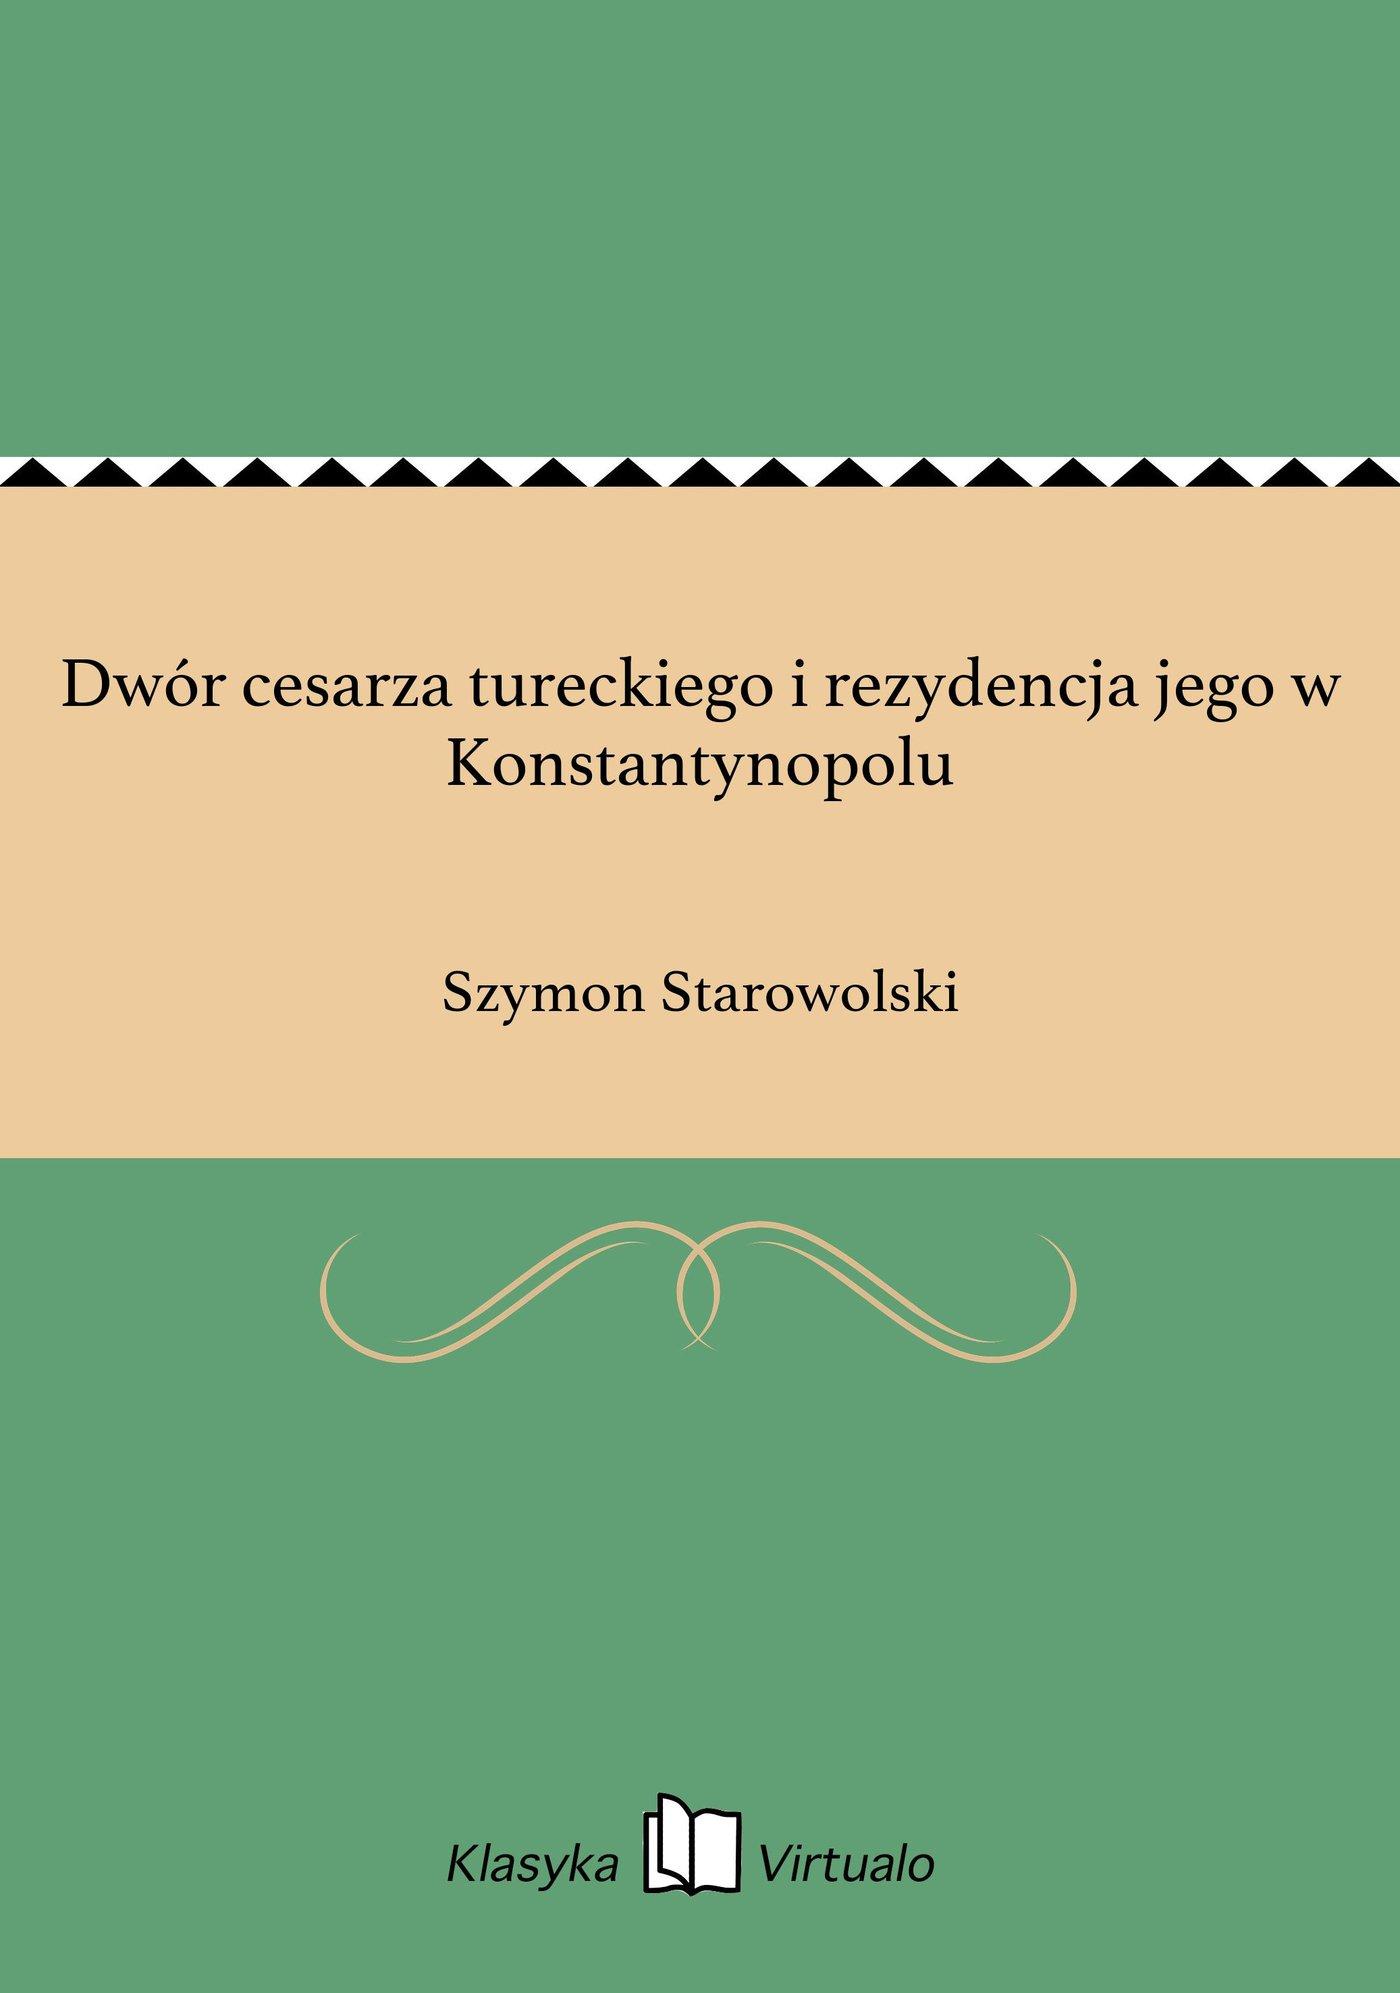 Dwór cesarza tureckiego i rezydencja jego w Konstantynopolu - Ebook (Książka na Kindle) do pobrania w formacie MOBI